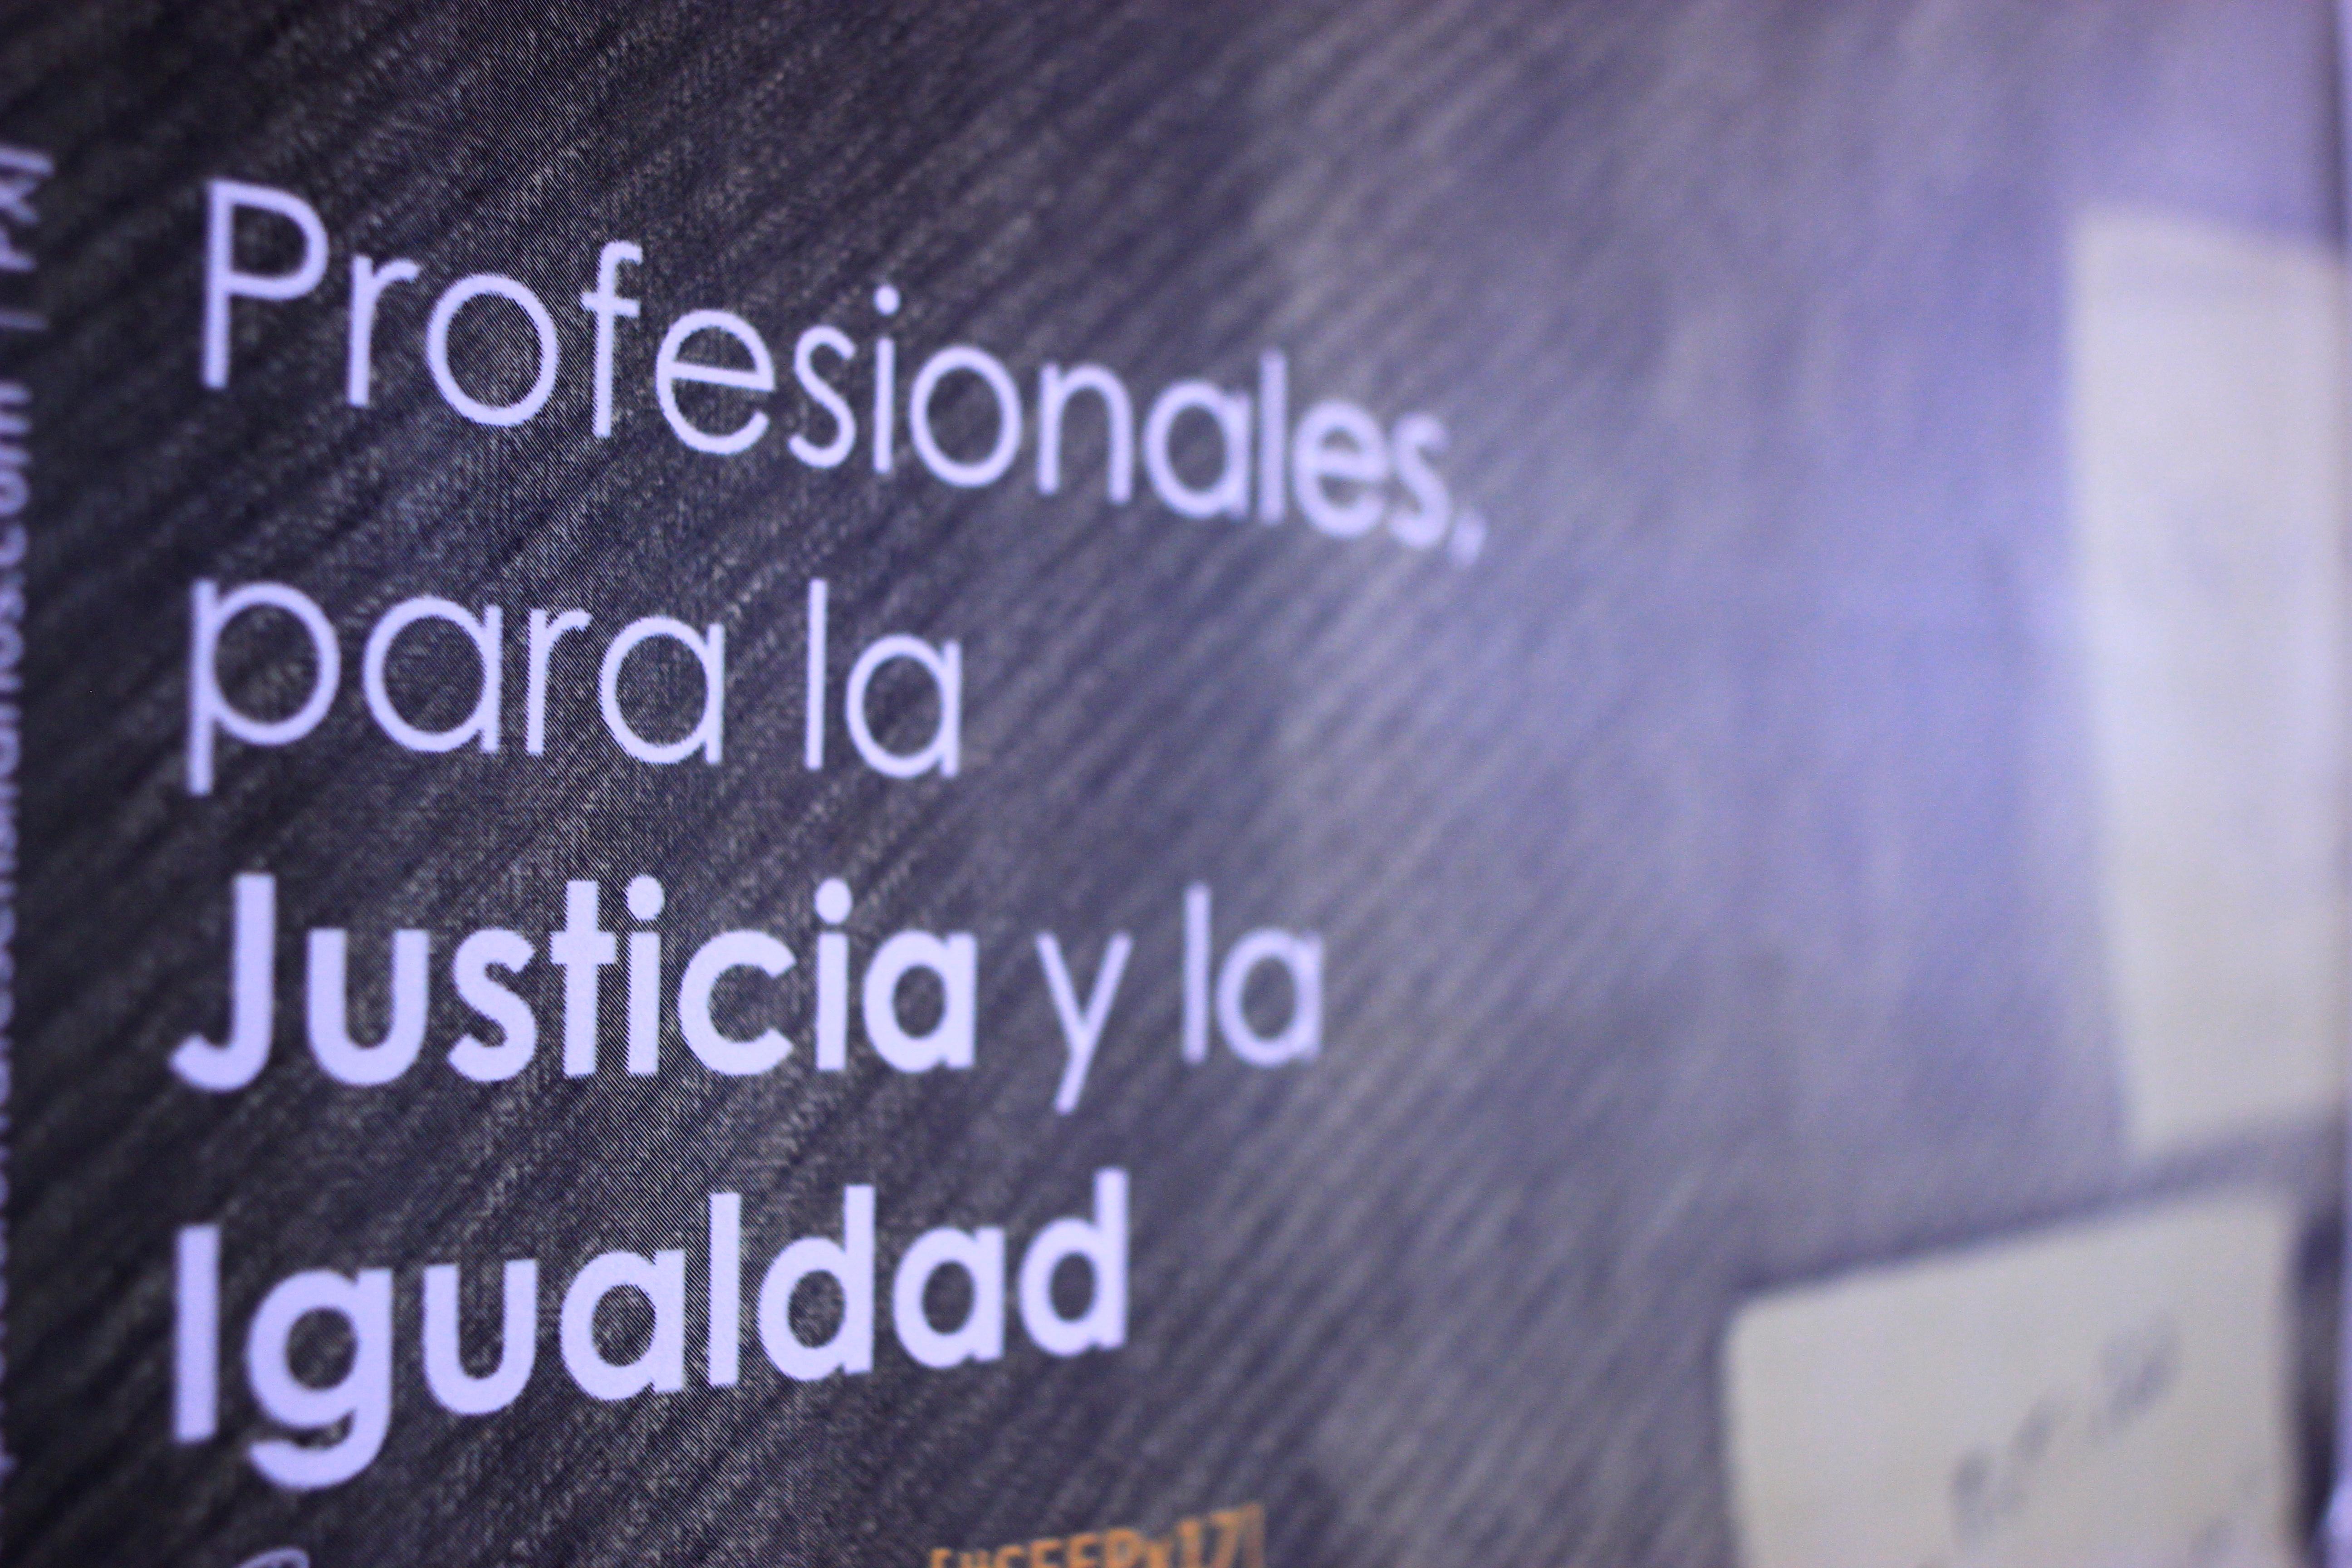 Profesionales para la Justicia y la Igualdad – Manifiesto de PX